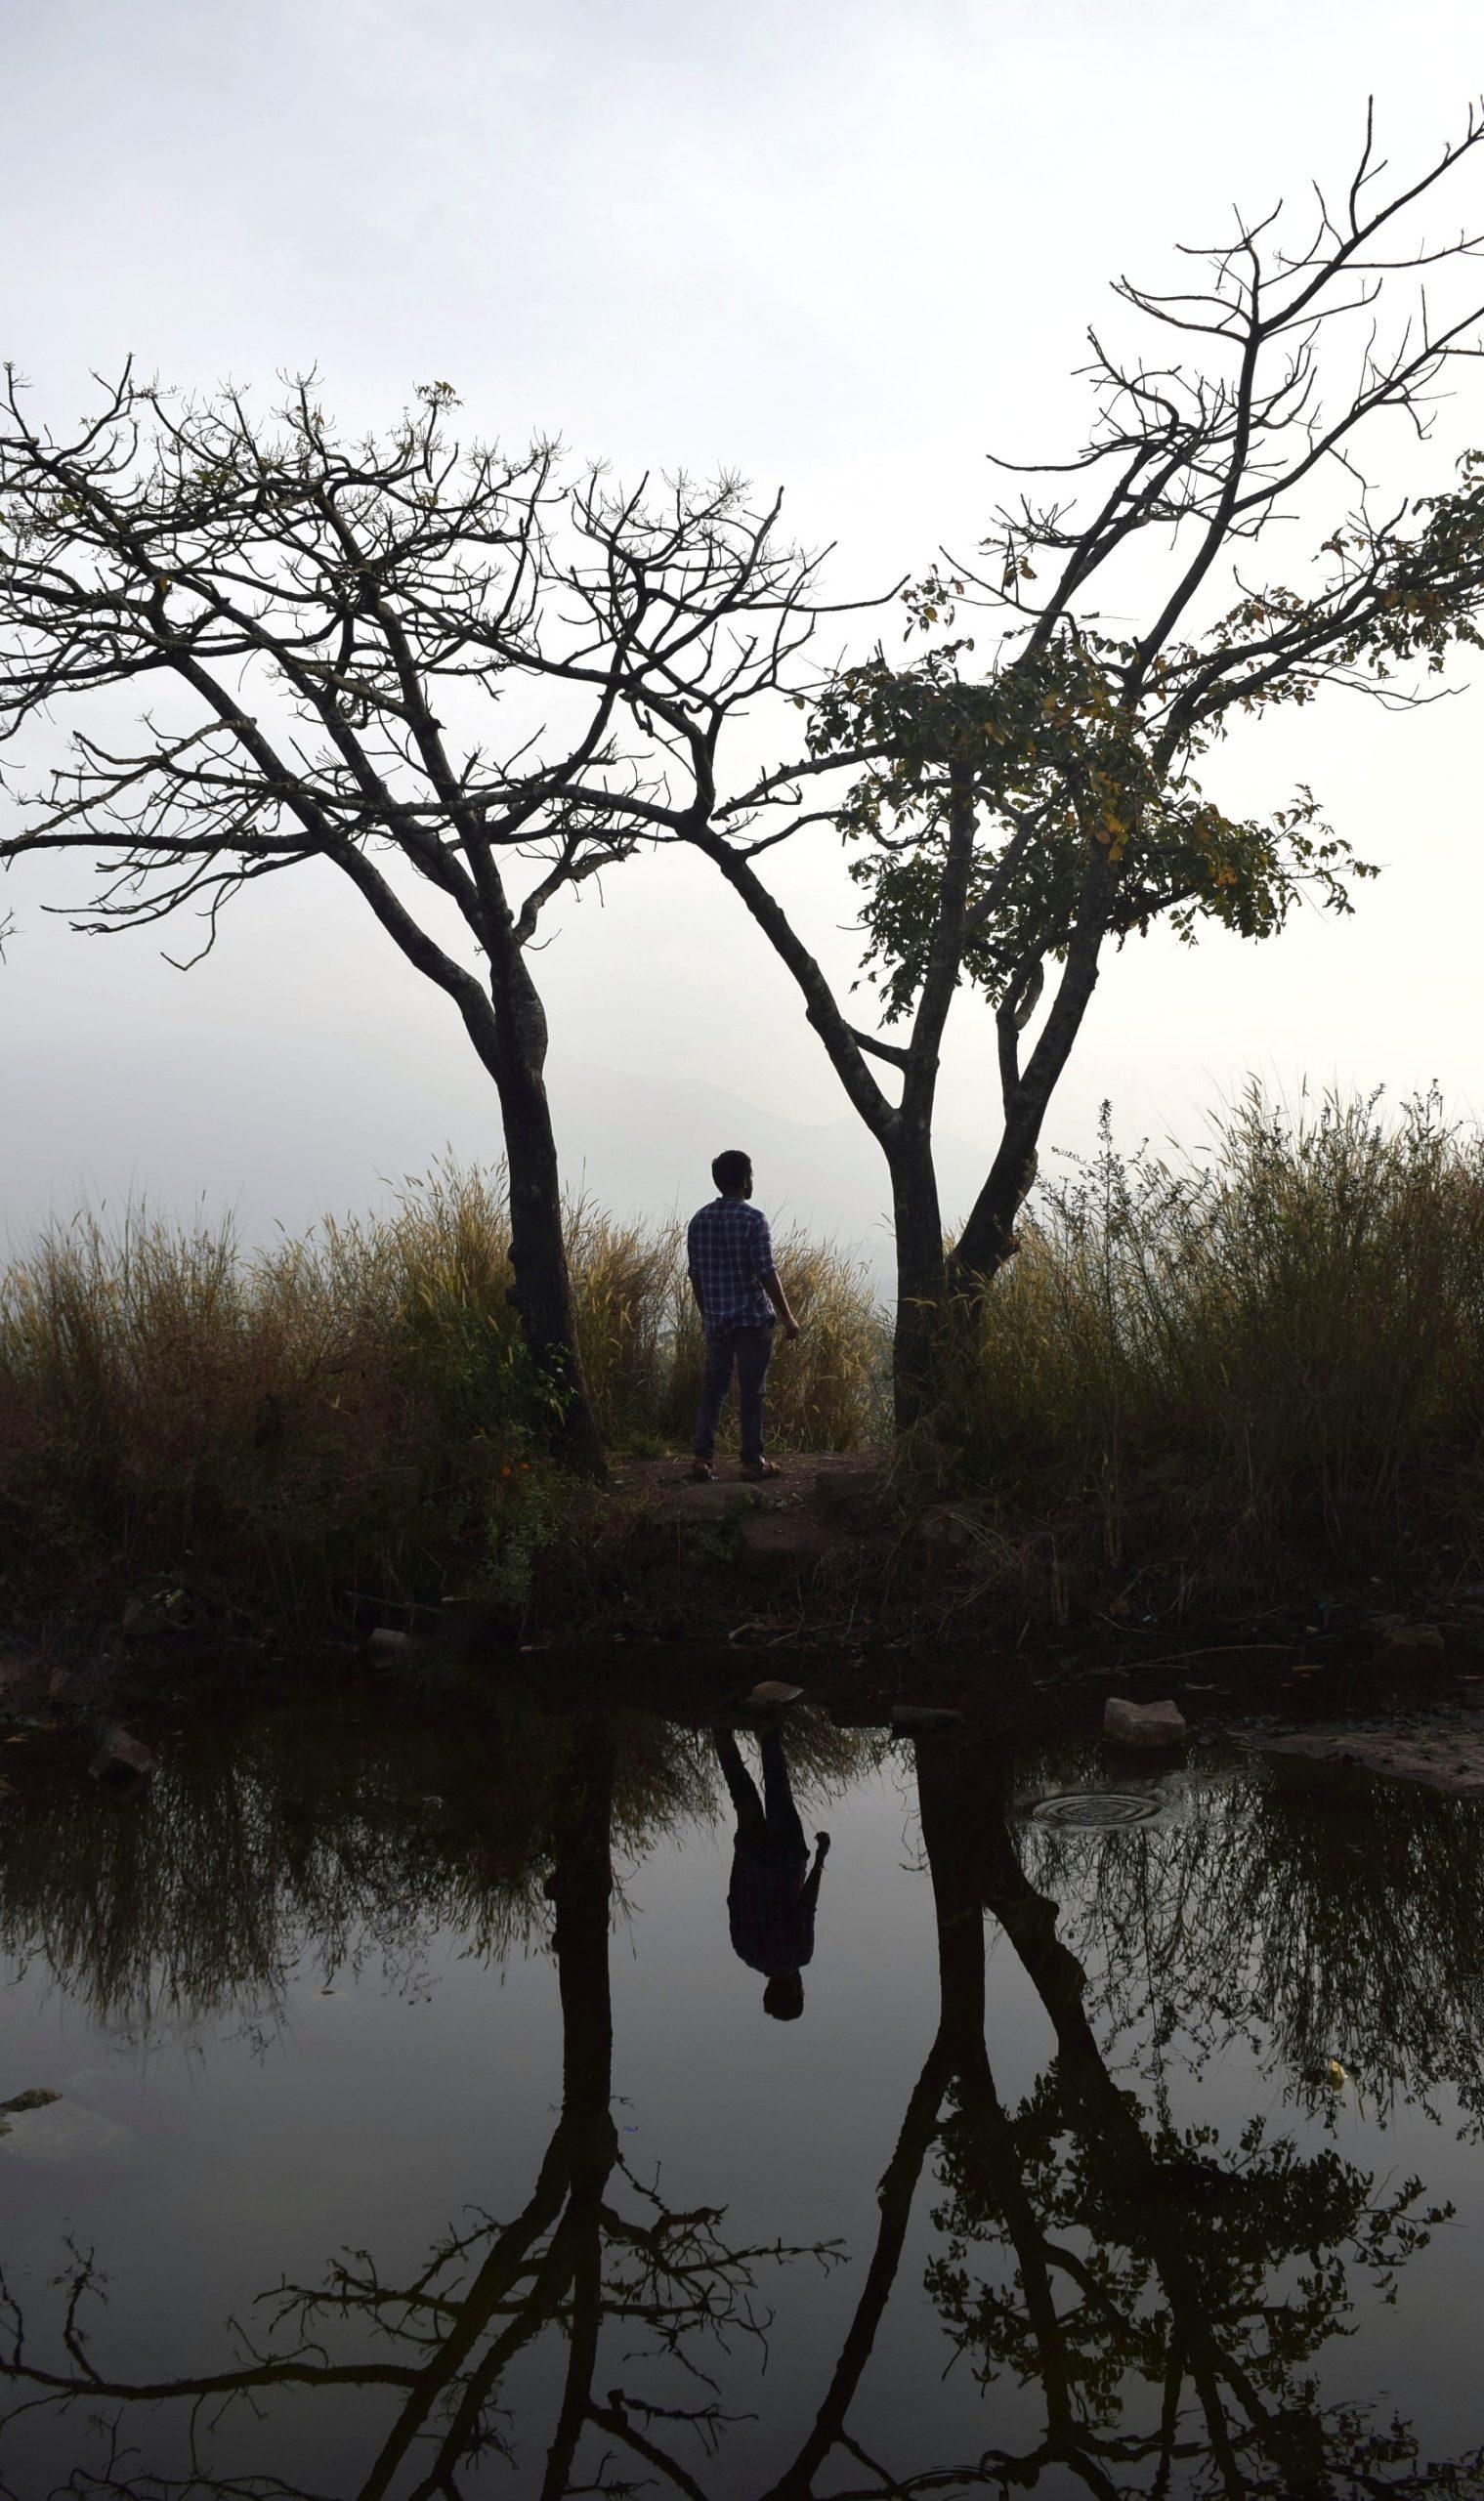 A boy standing on hilltop